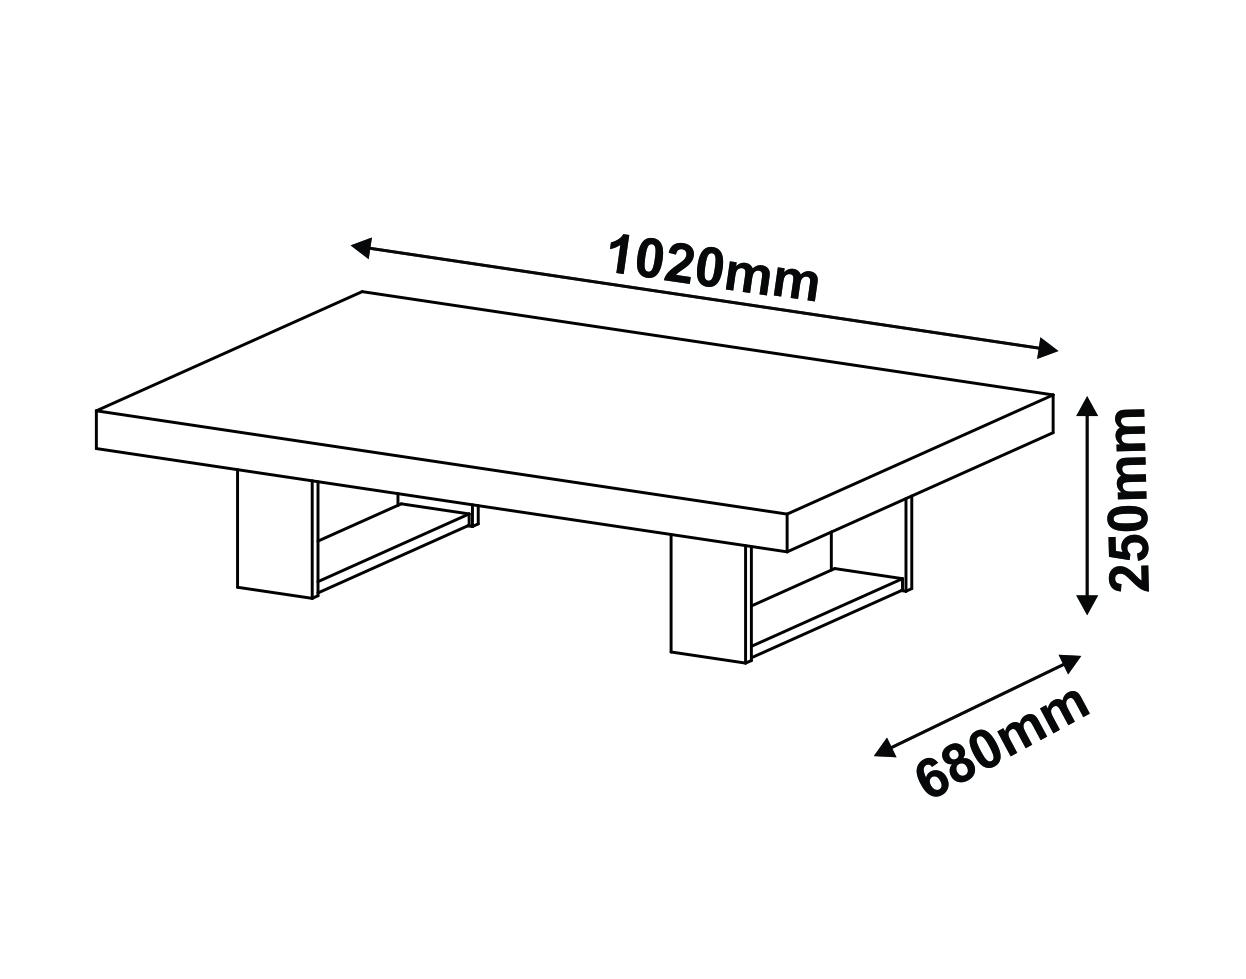 Altura ideal para mesa de centro